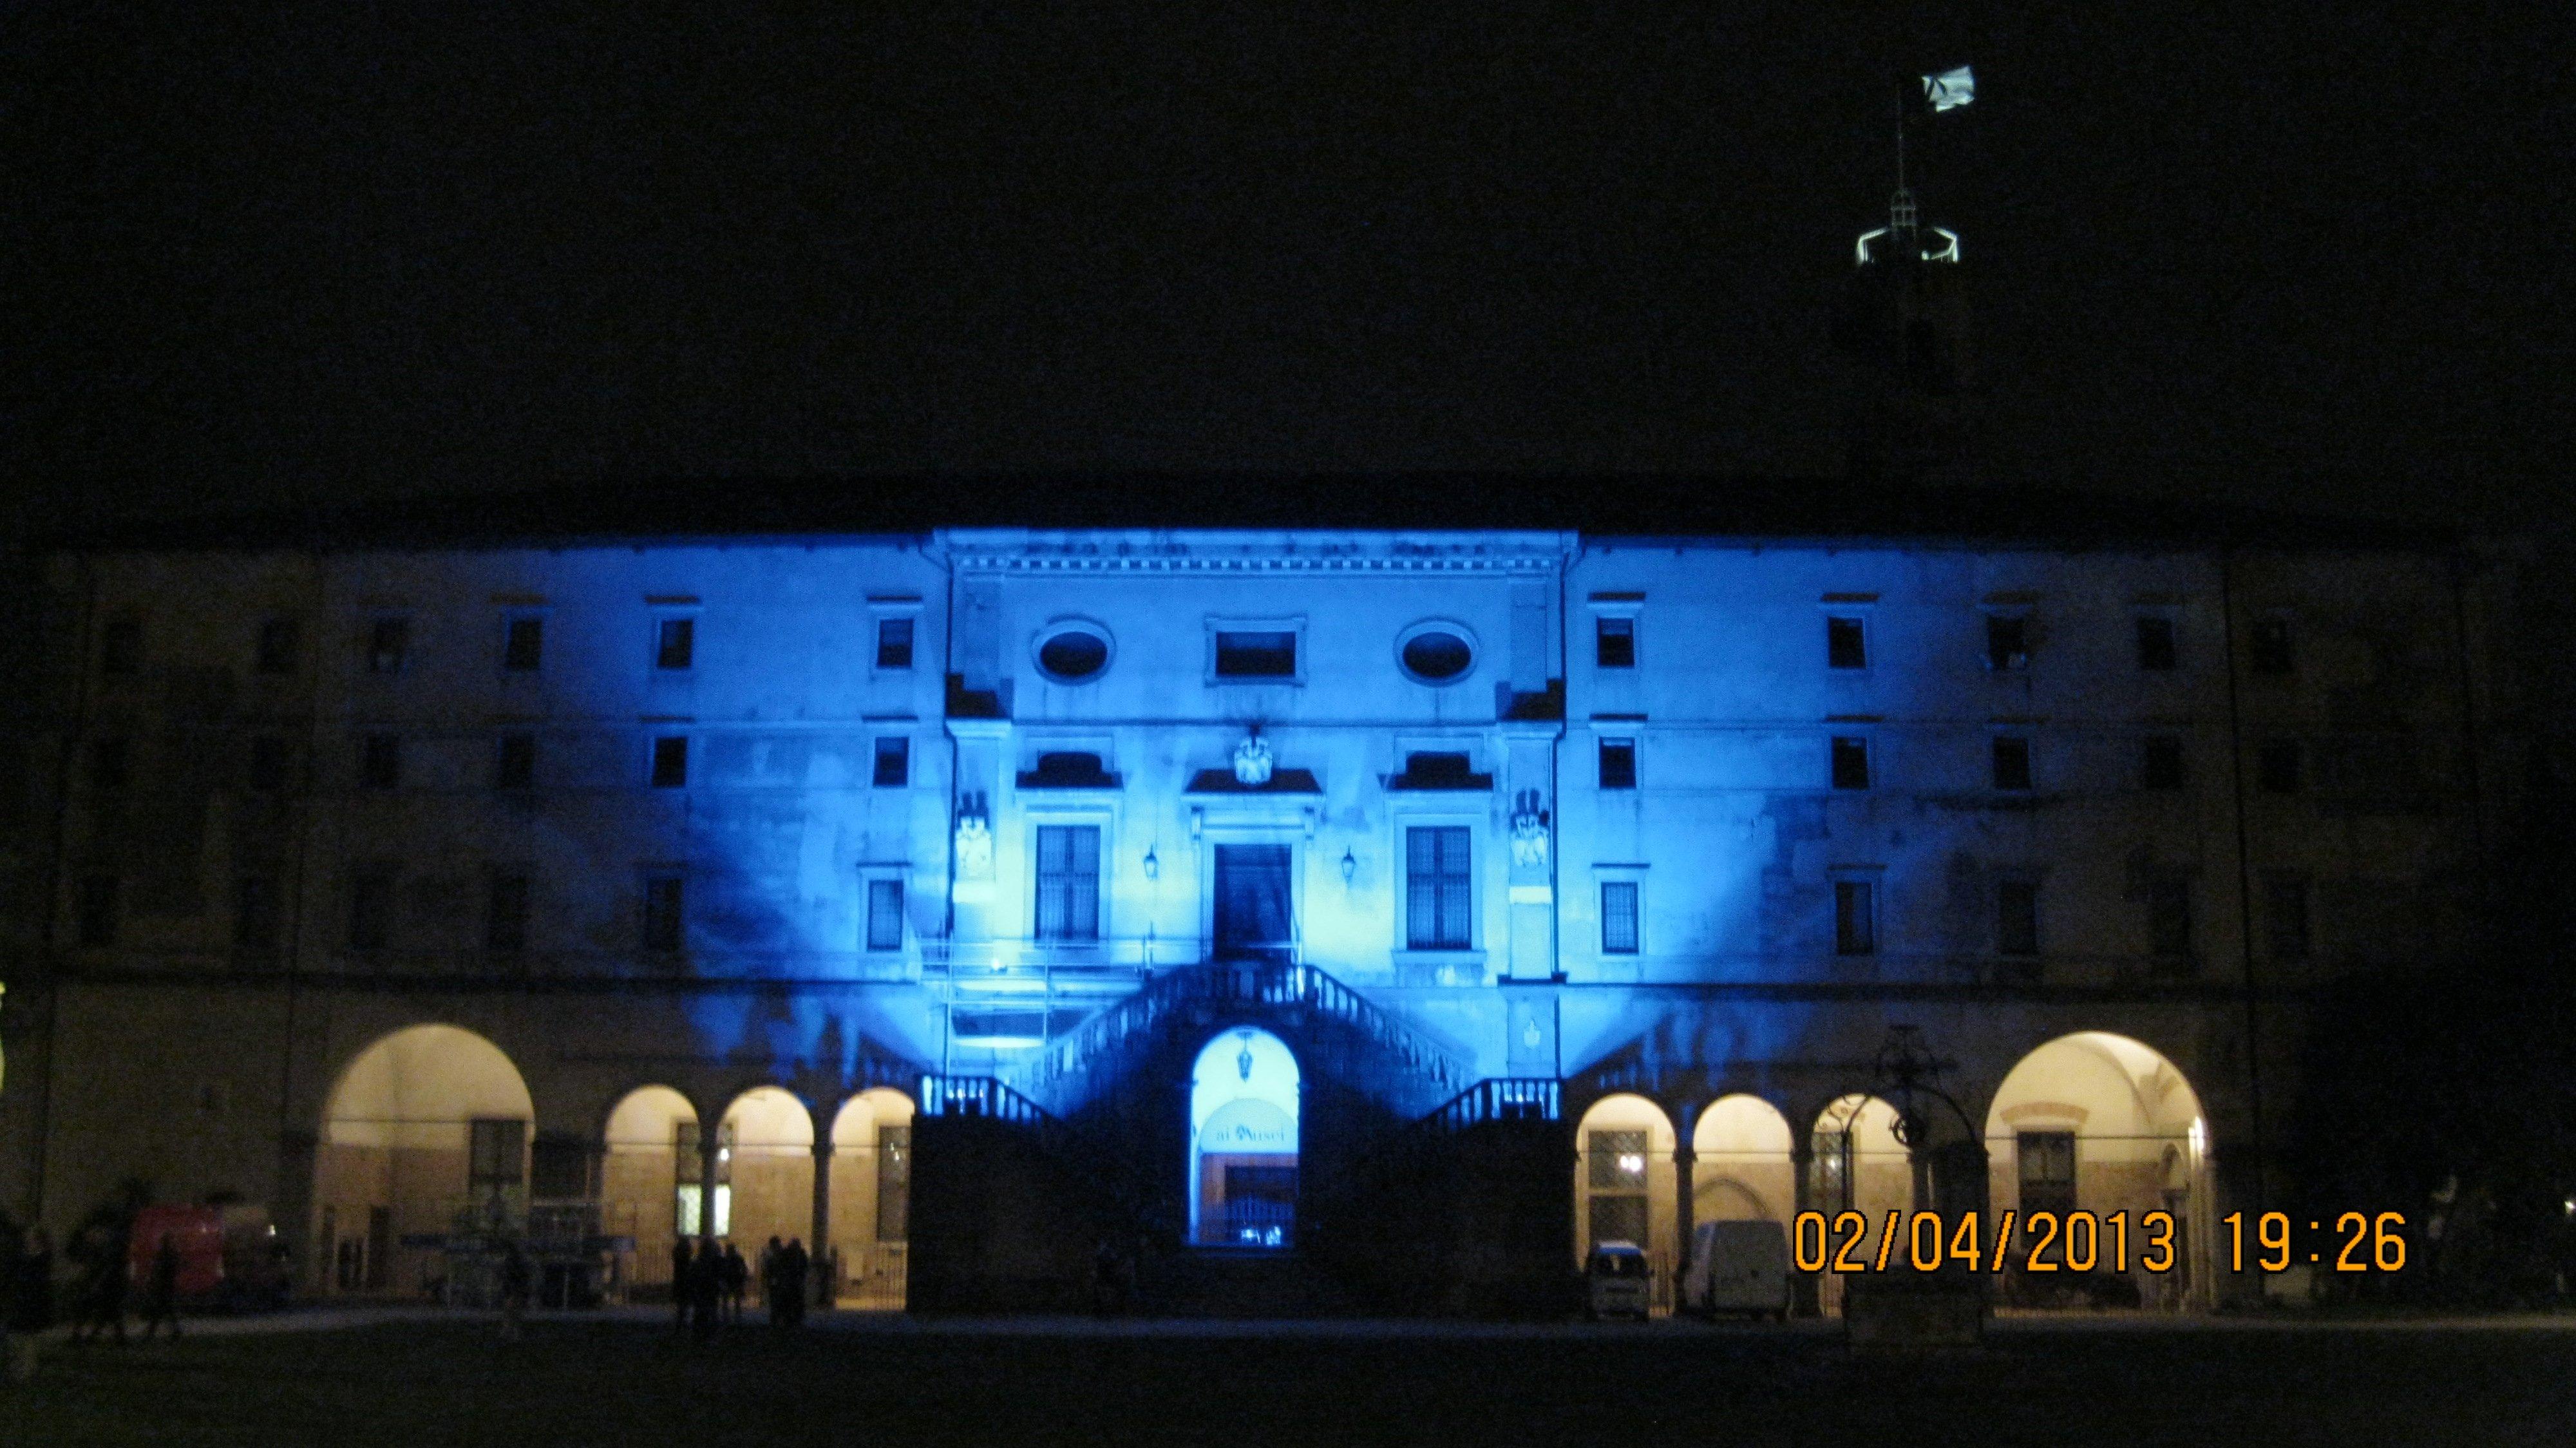 suggestiva immagine di luce proiettata su un palazzo